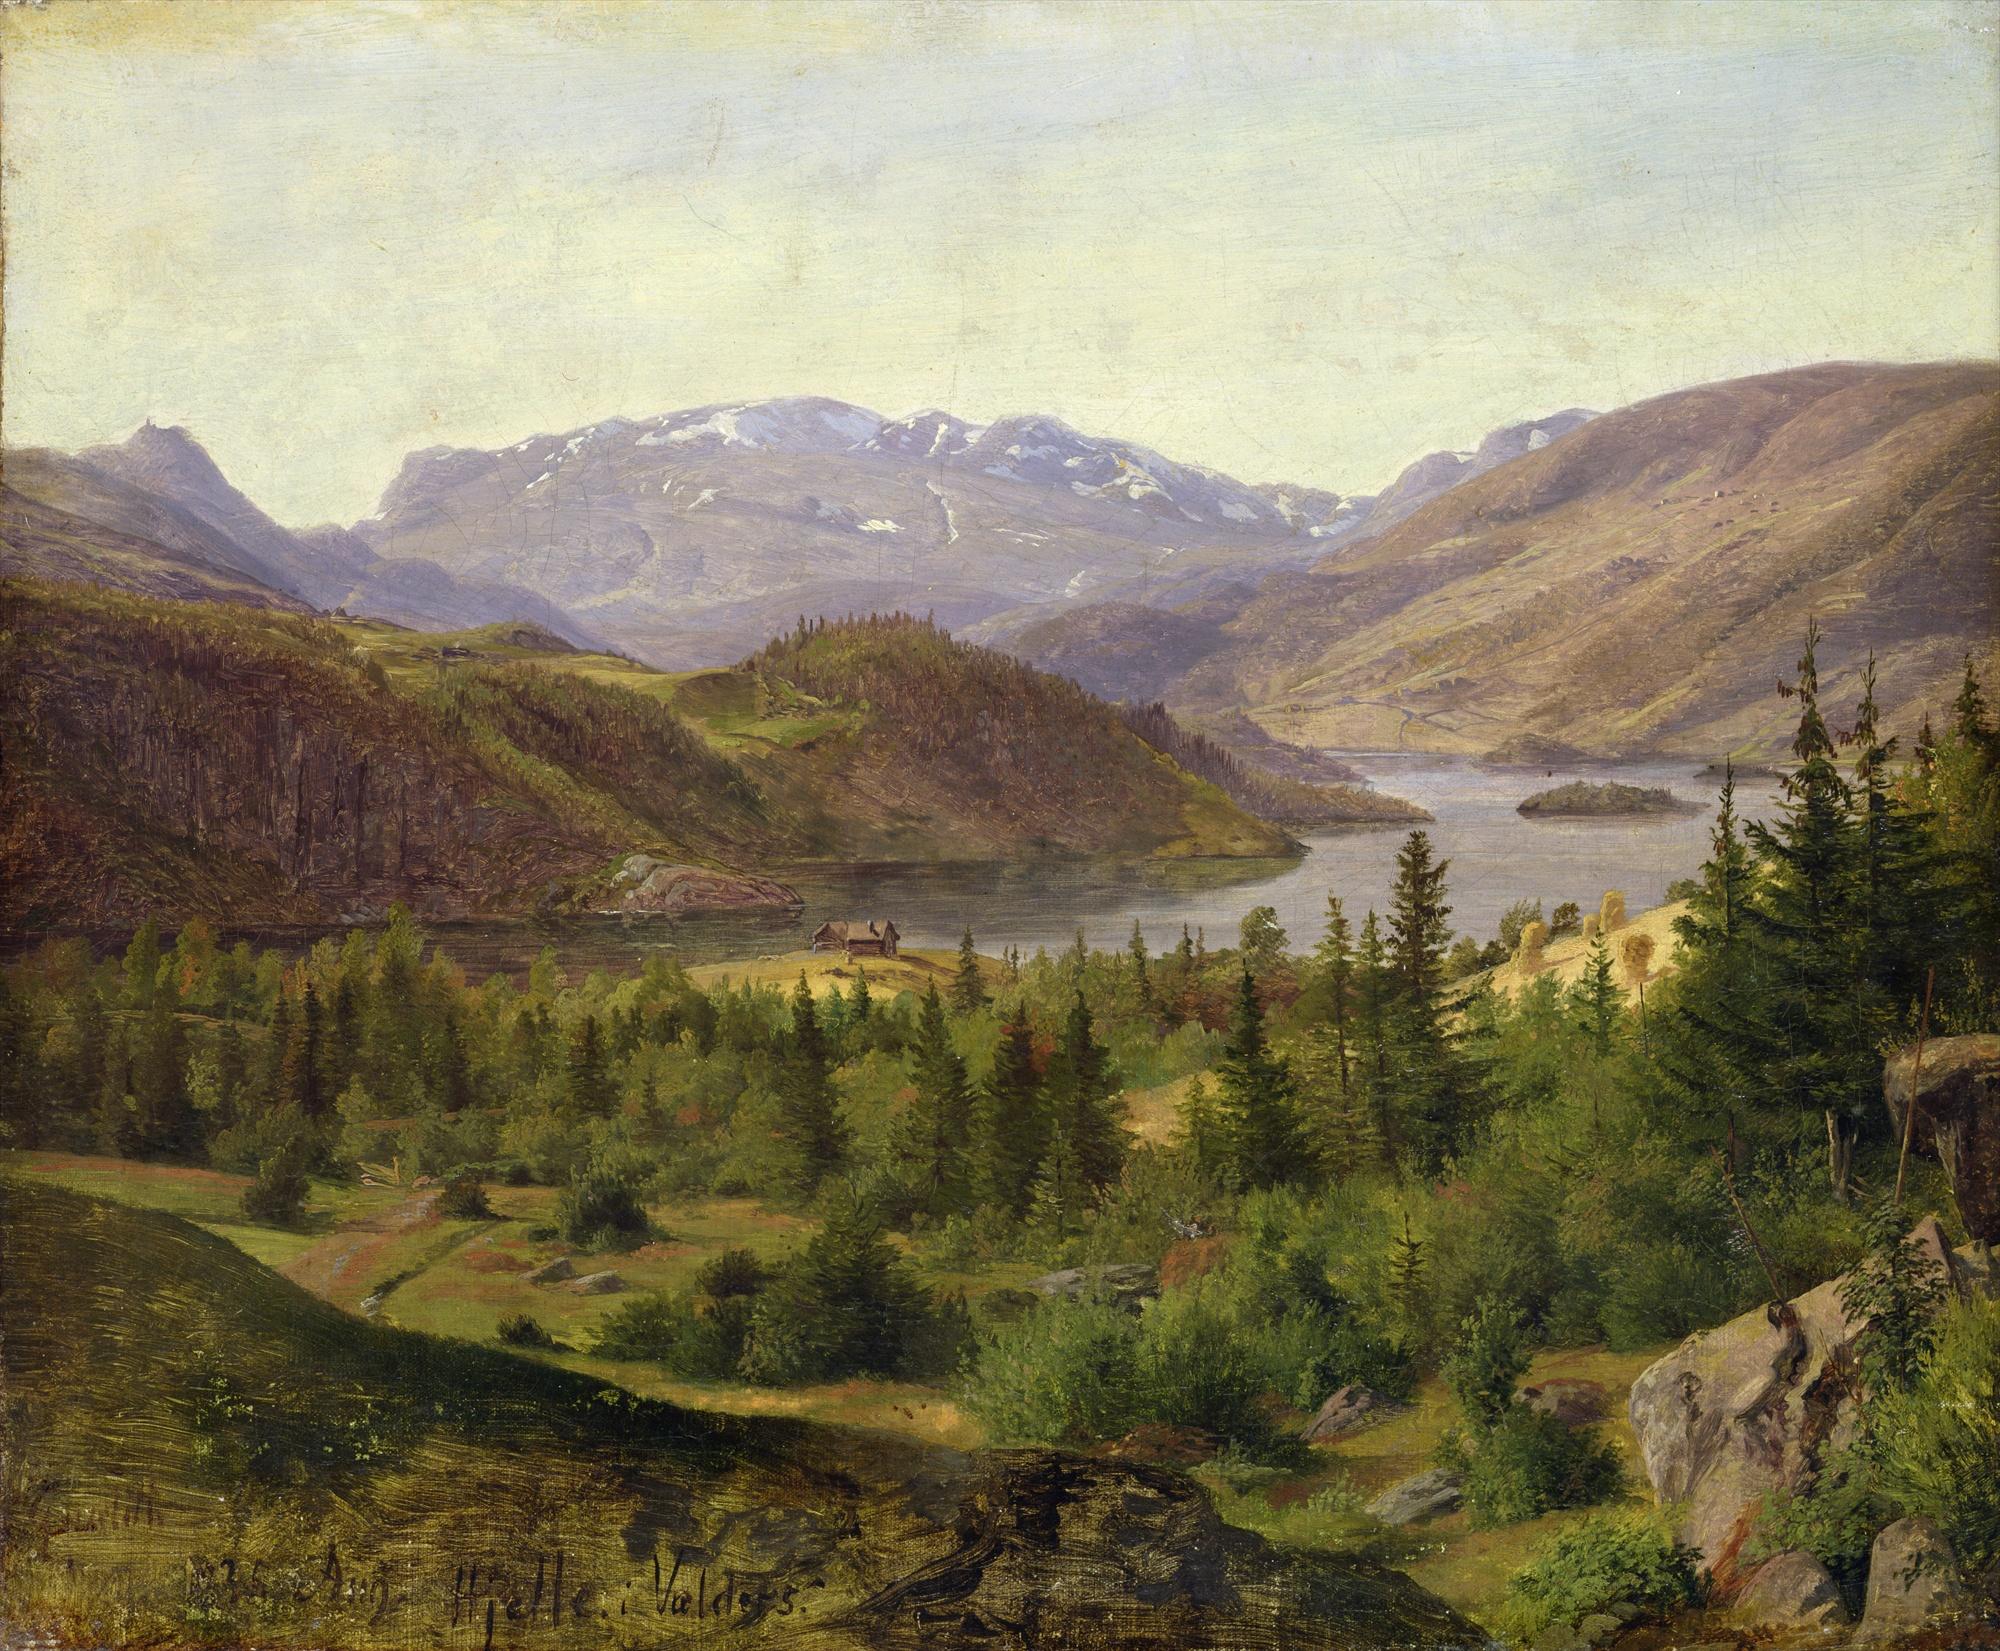 File:Louis Gurlitt - Hjelle in Valders, Tile Fjord.jpg ...